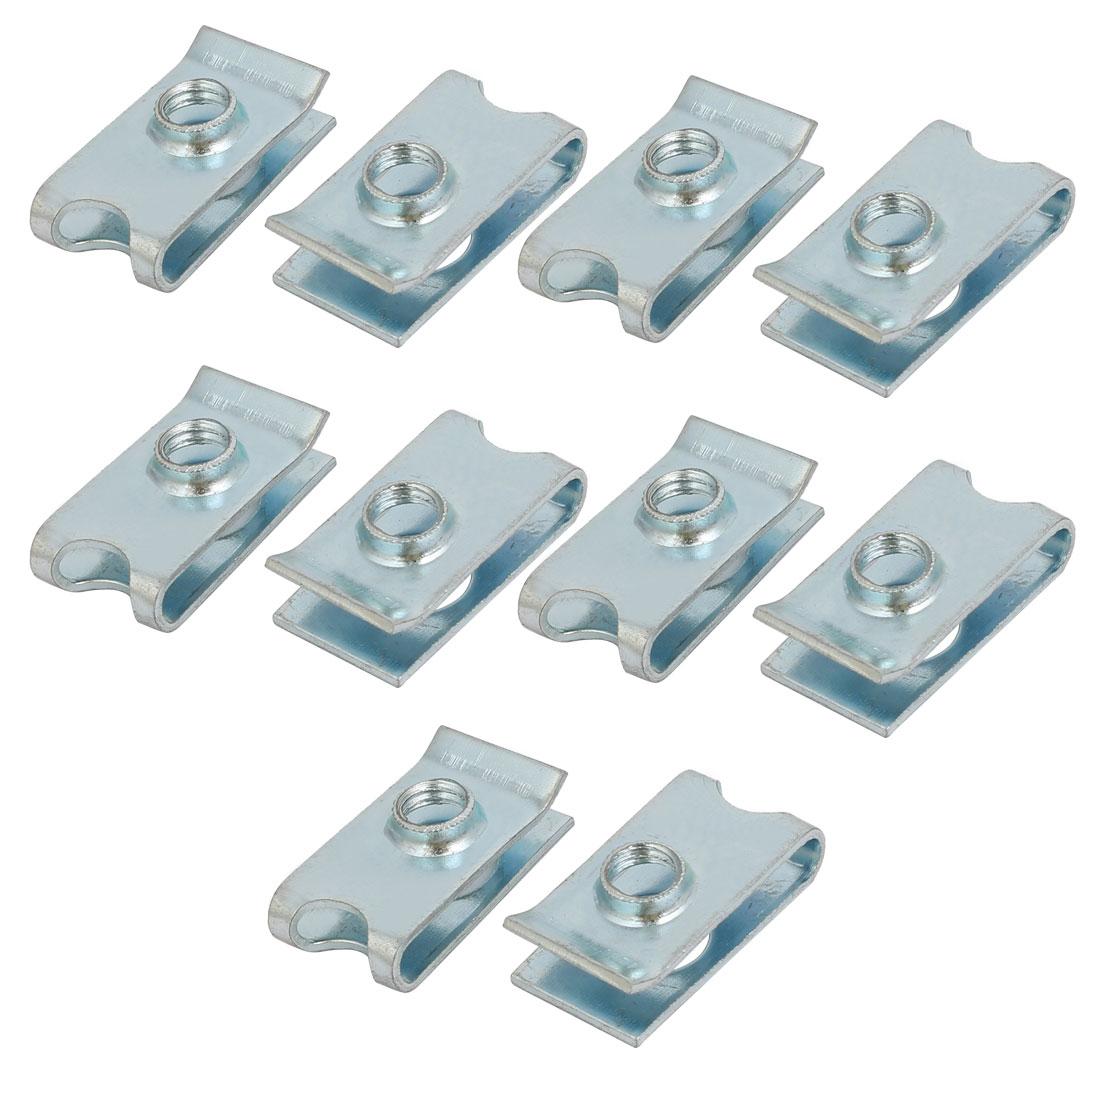 Fit M6 Screw 65Mn Spring Steel U Clip Nut Silver Tone 24mm x 13mm 10pcs